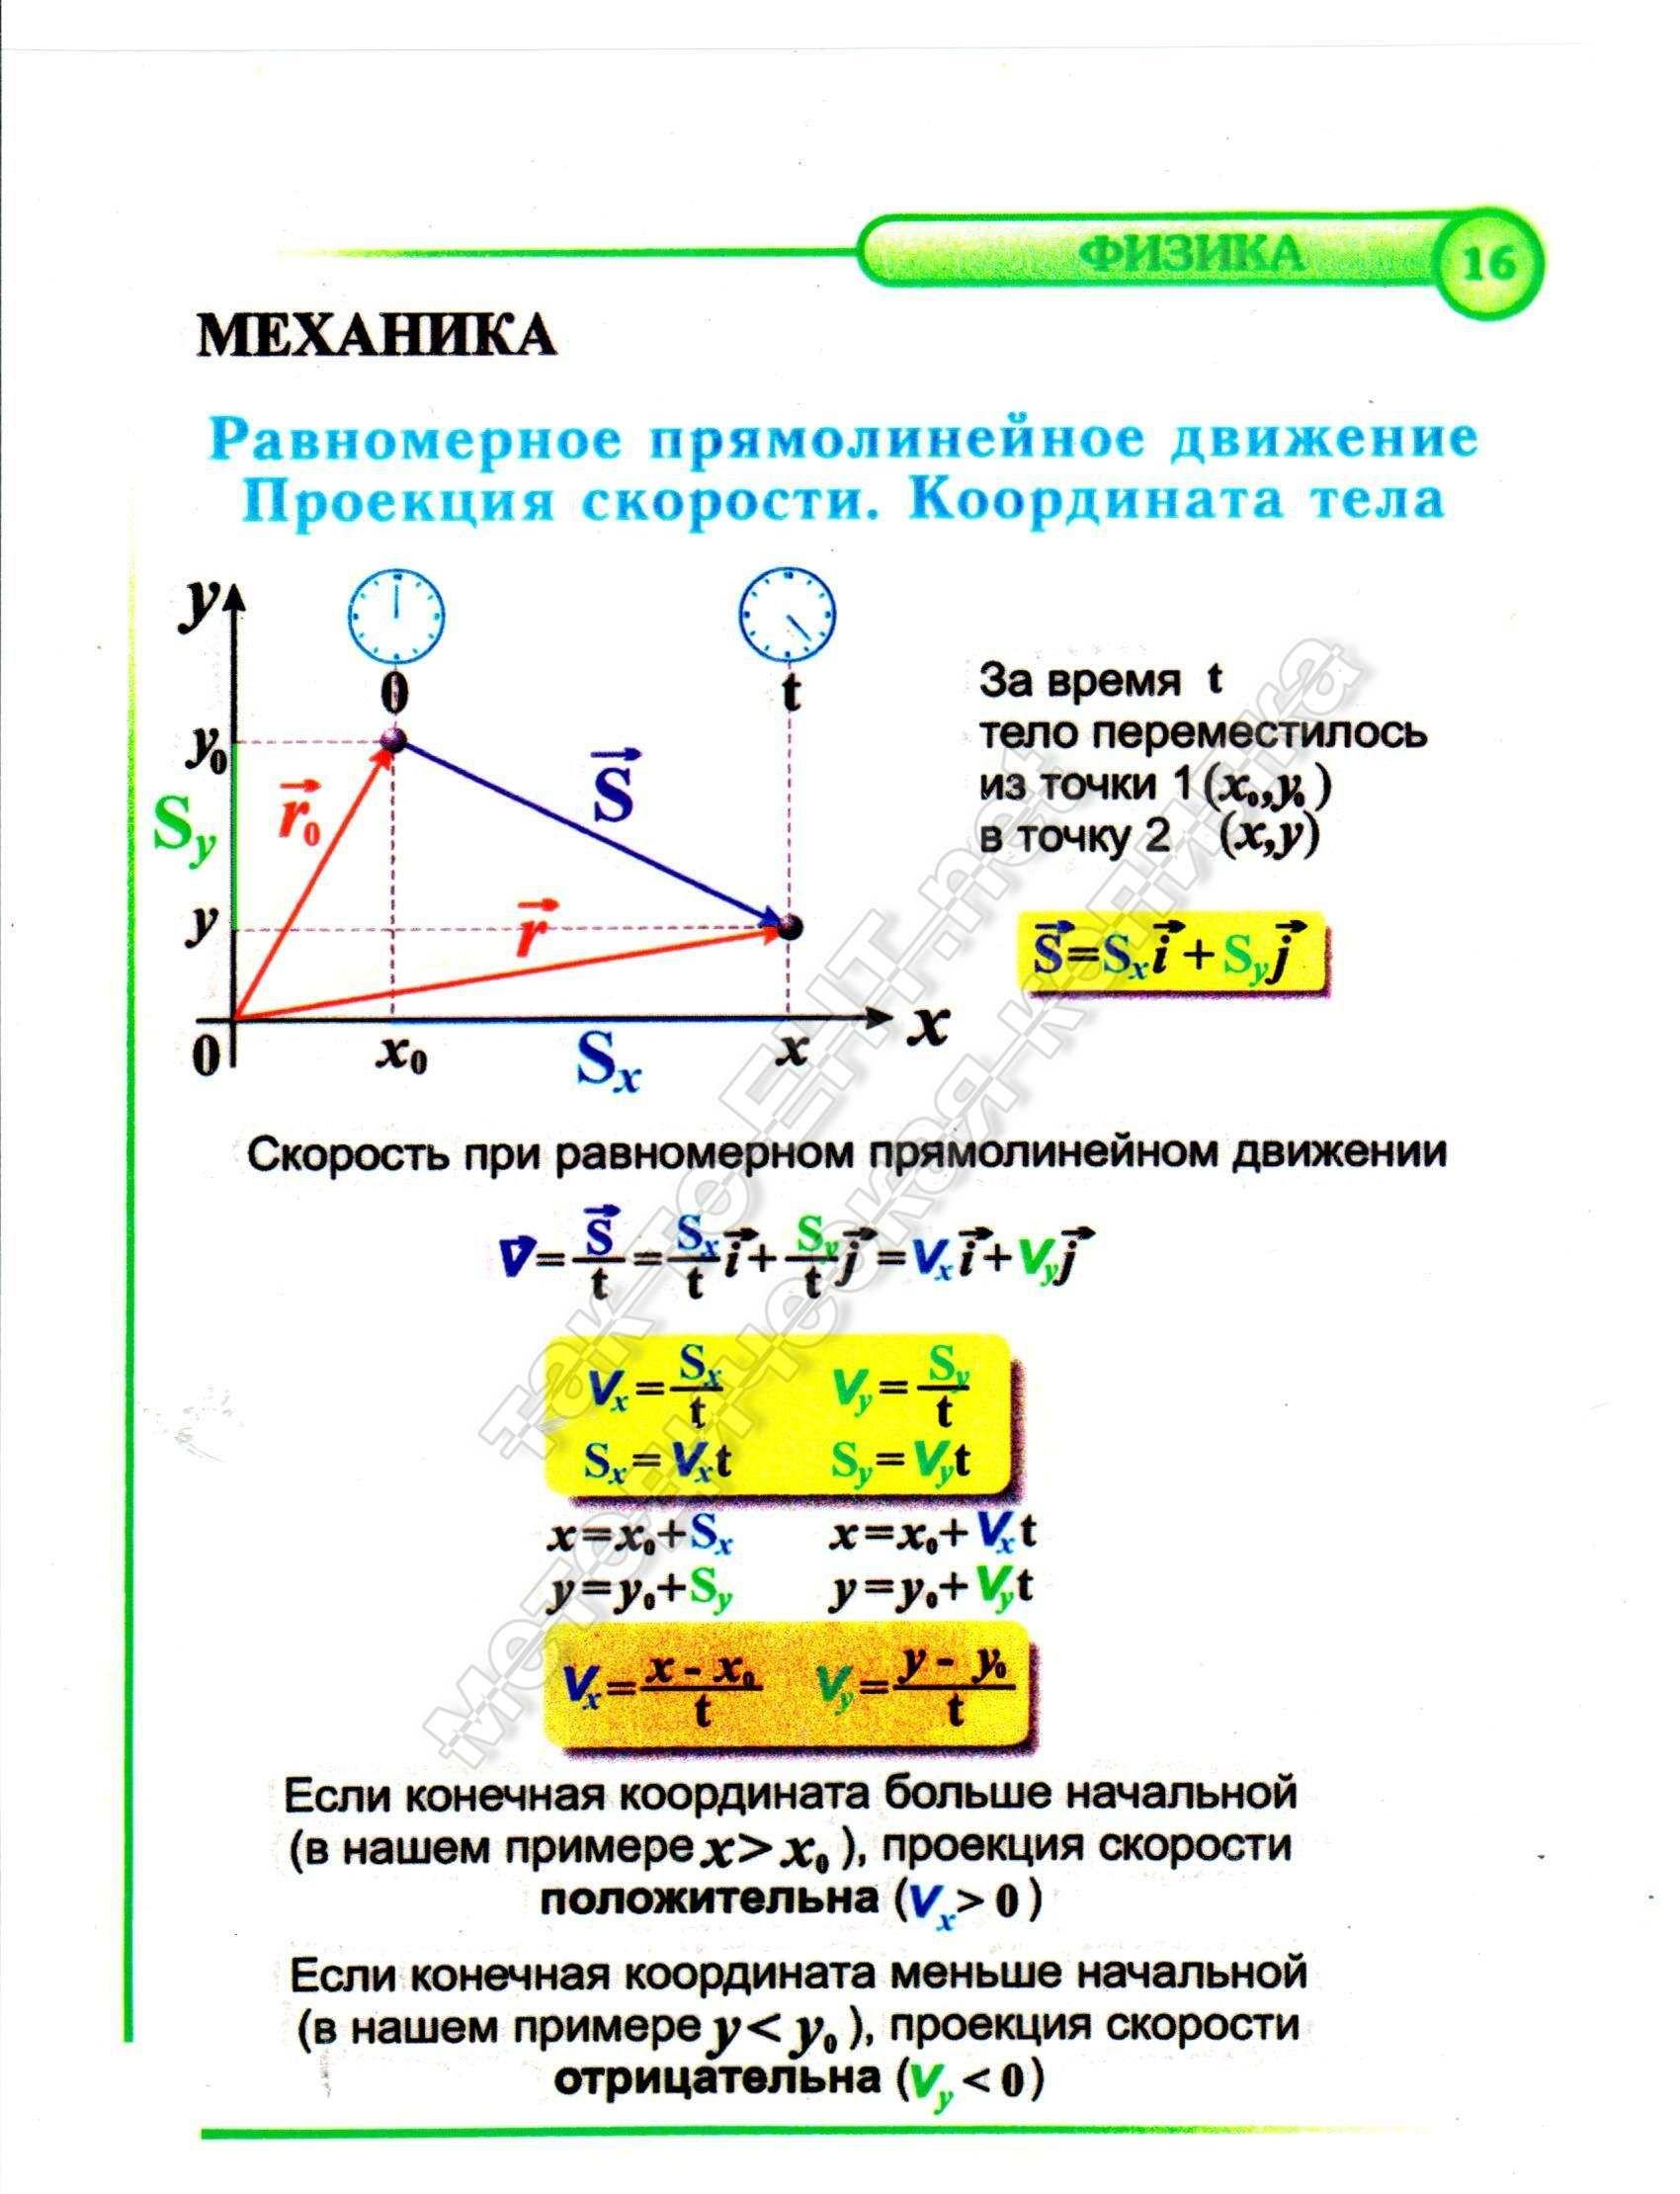 16 Равномерное прямолинейное движение. Проекция скорости. Координата тела (механика)